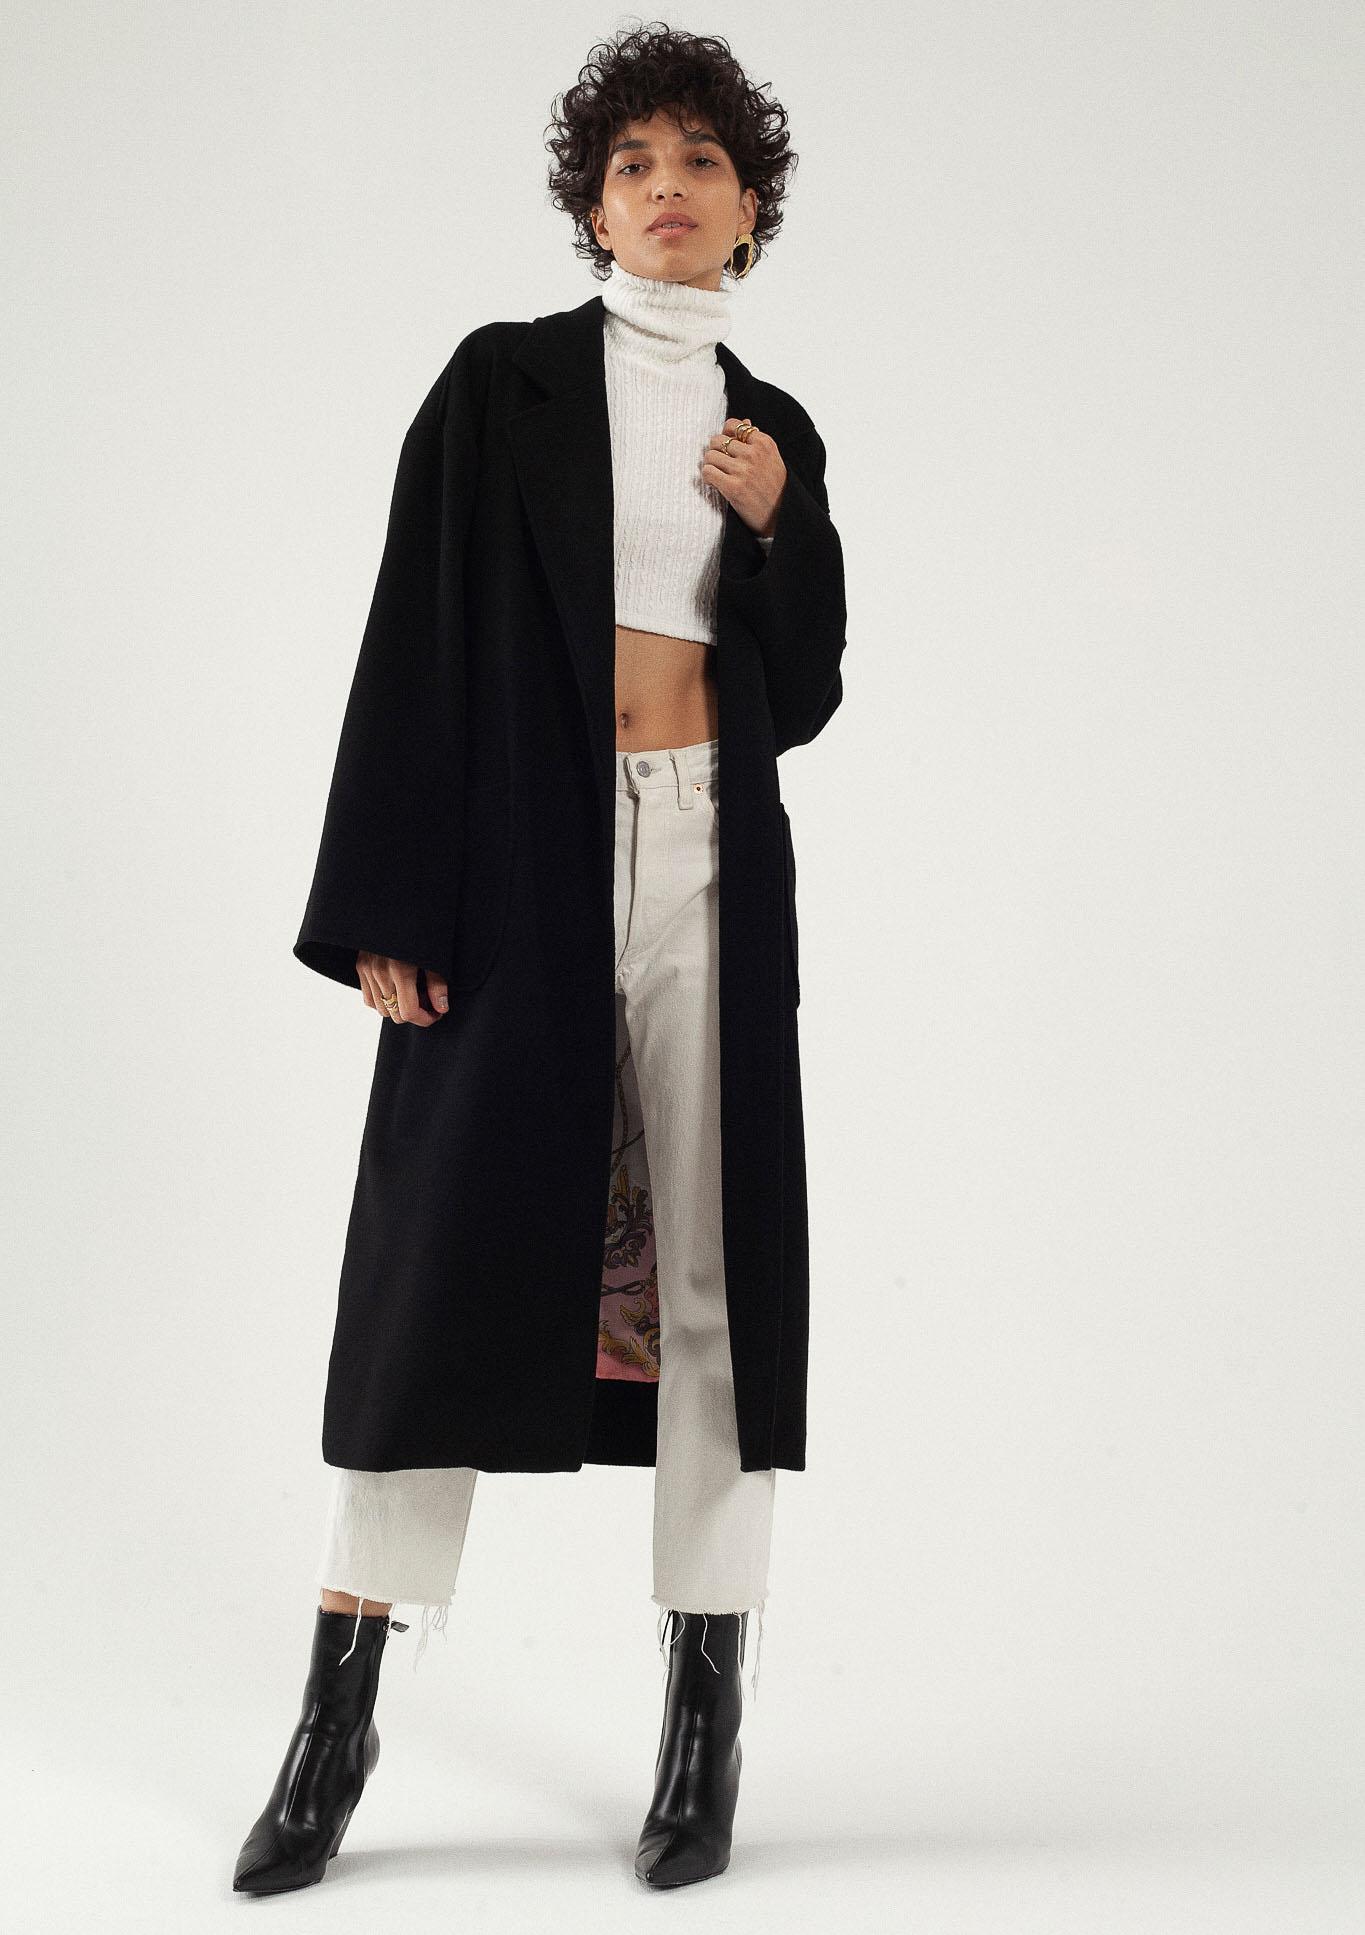 Manteau long noir oversize laine et cachemire par le créateur Tremblepierre. Les Essentiels chez AFFAIRES ÉTRANGÈRES - 1